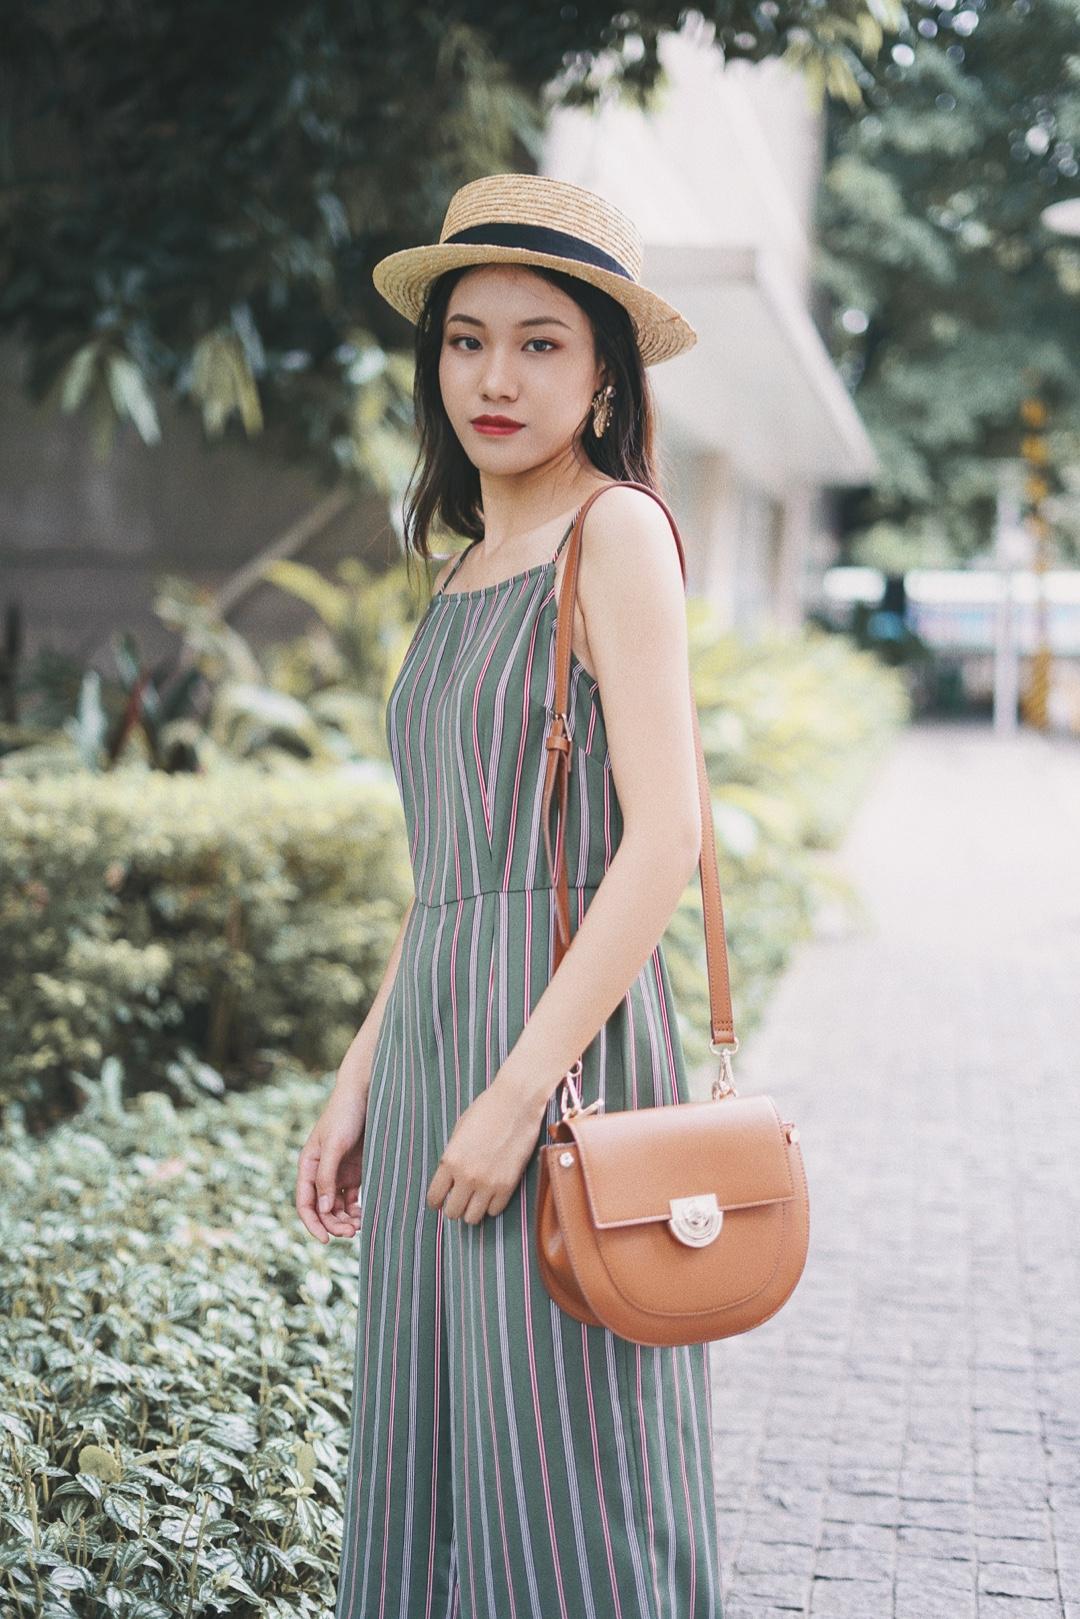 一条简单的吊带连体裤,质料顺滑轻薄,腰部收腰缝线配合竖条纹理设计,拉长身体比例,衣服咖啡色纹理与包包和鞋子颜色呼应,简单大气,搭配草帽更有范,非常舒适的一款